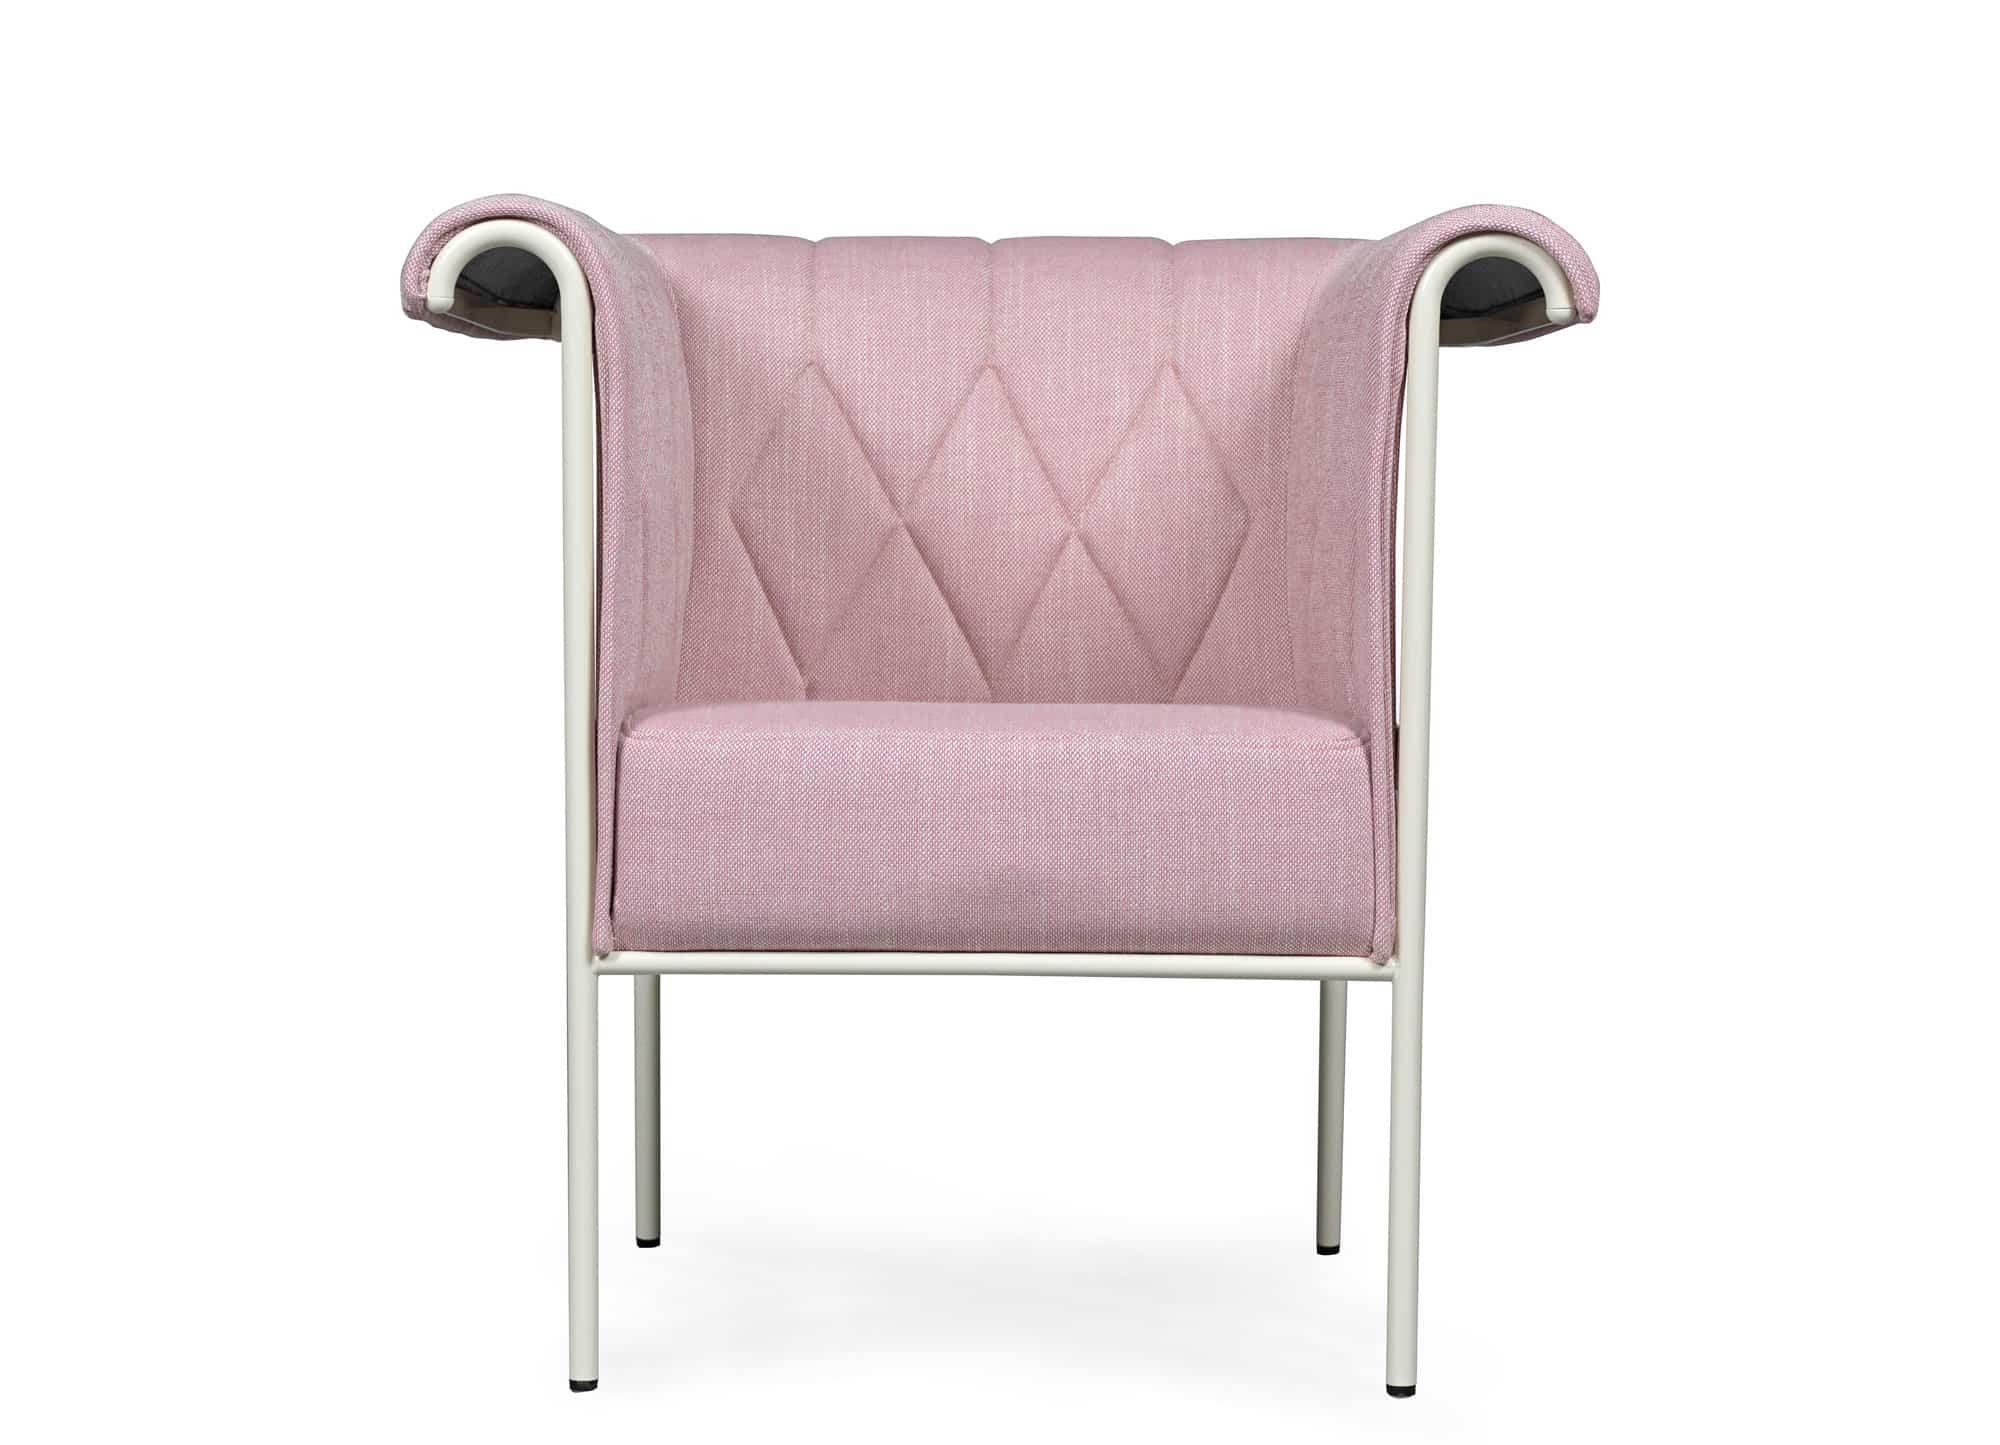 rets m bel 2015 chester scandinavian design. Black Bedroom Furniture Sets. Home Design Ideas